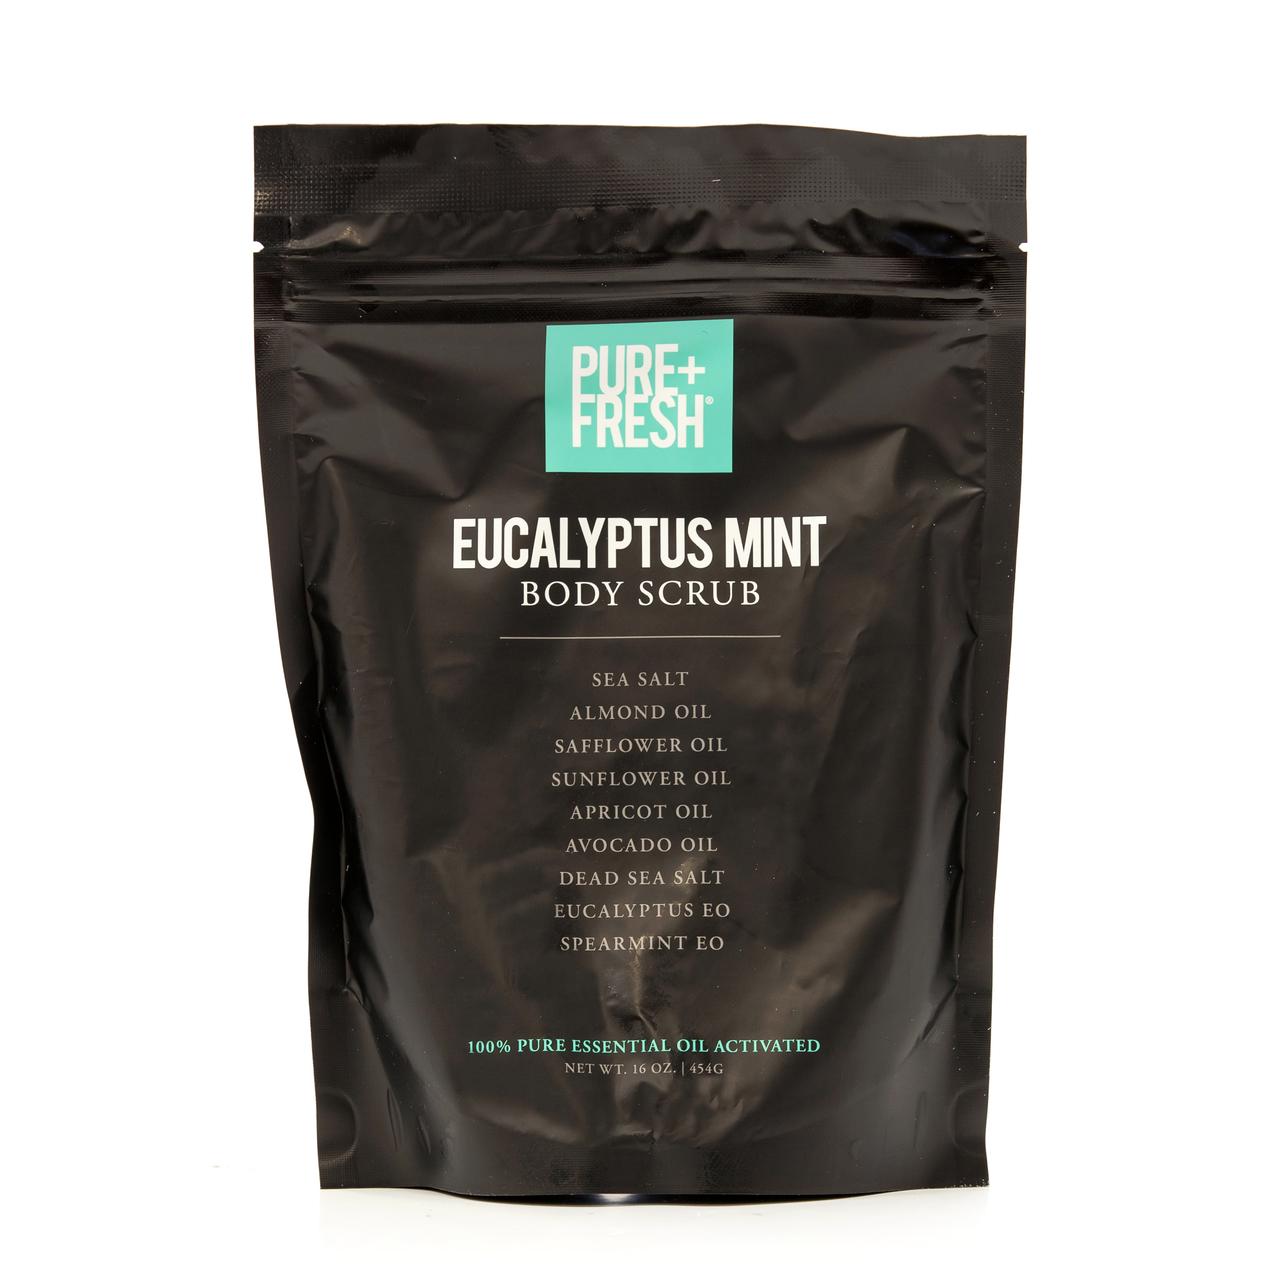 Body Scrub - Eucalyptus Mint - 16oz